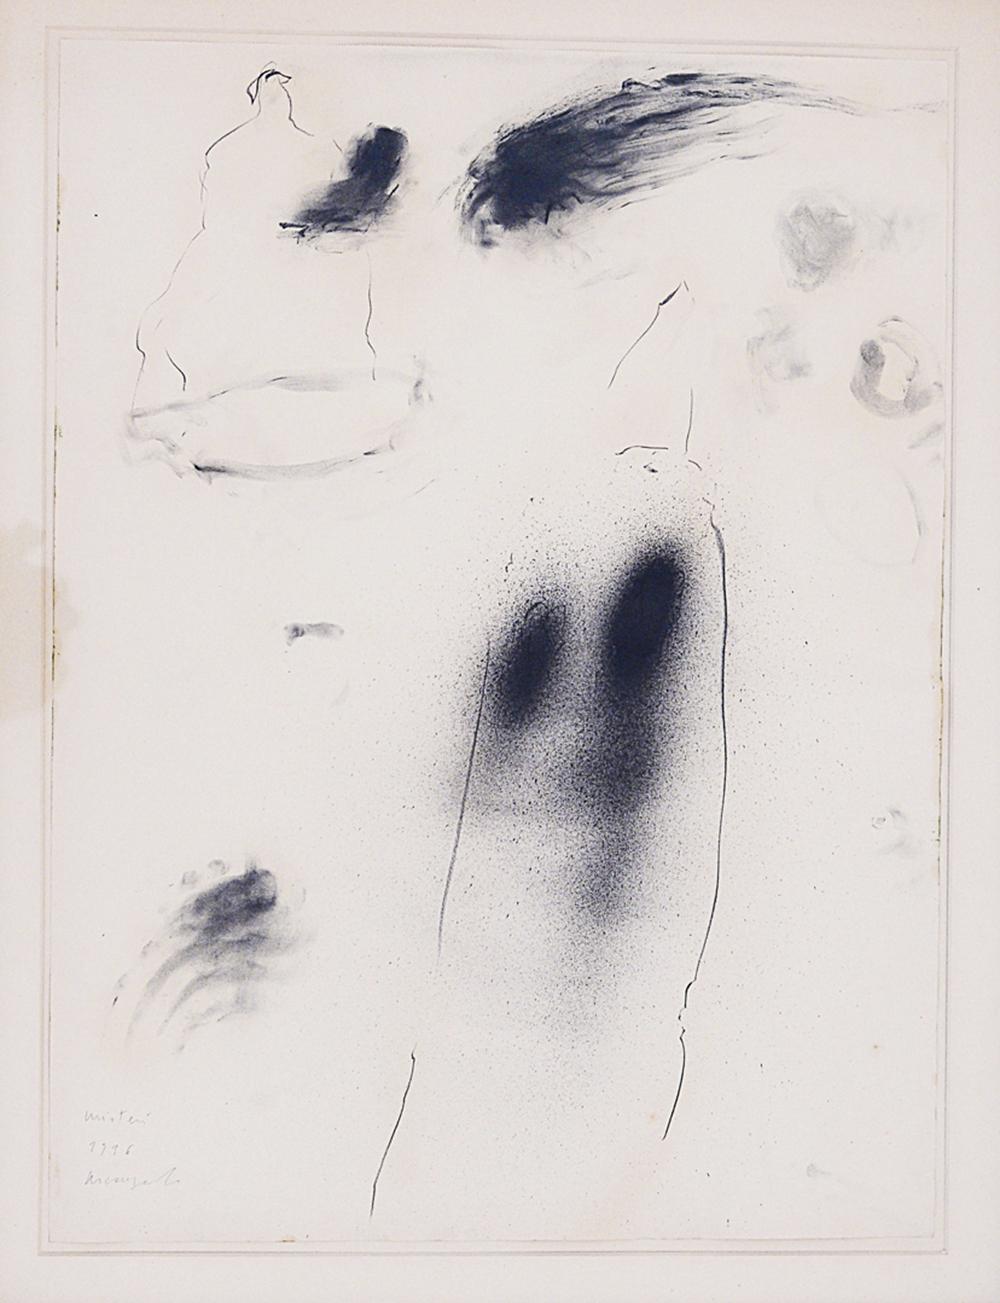 Misteri, 1996, tecnica mista su carta, cm 78x58